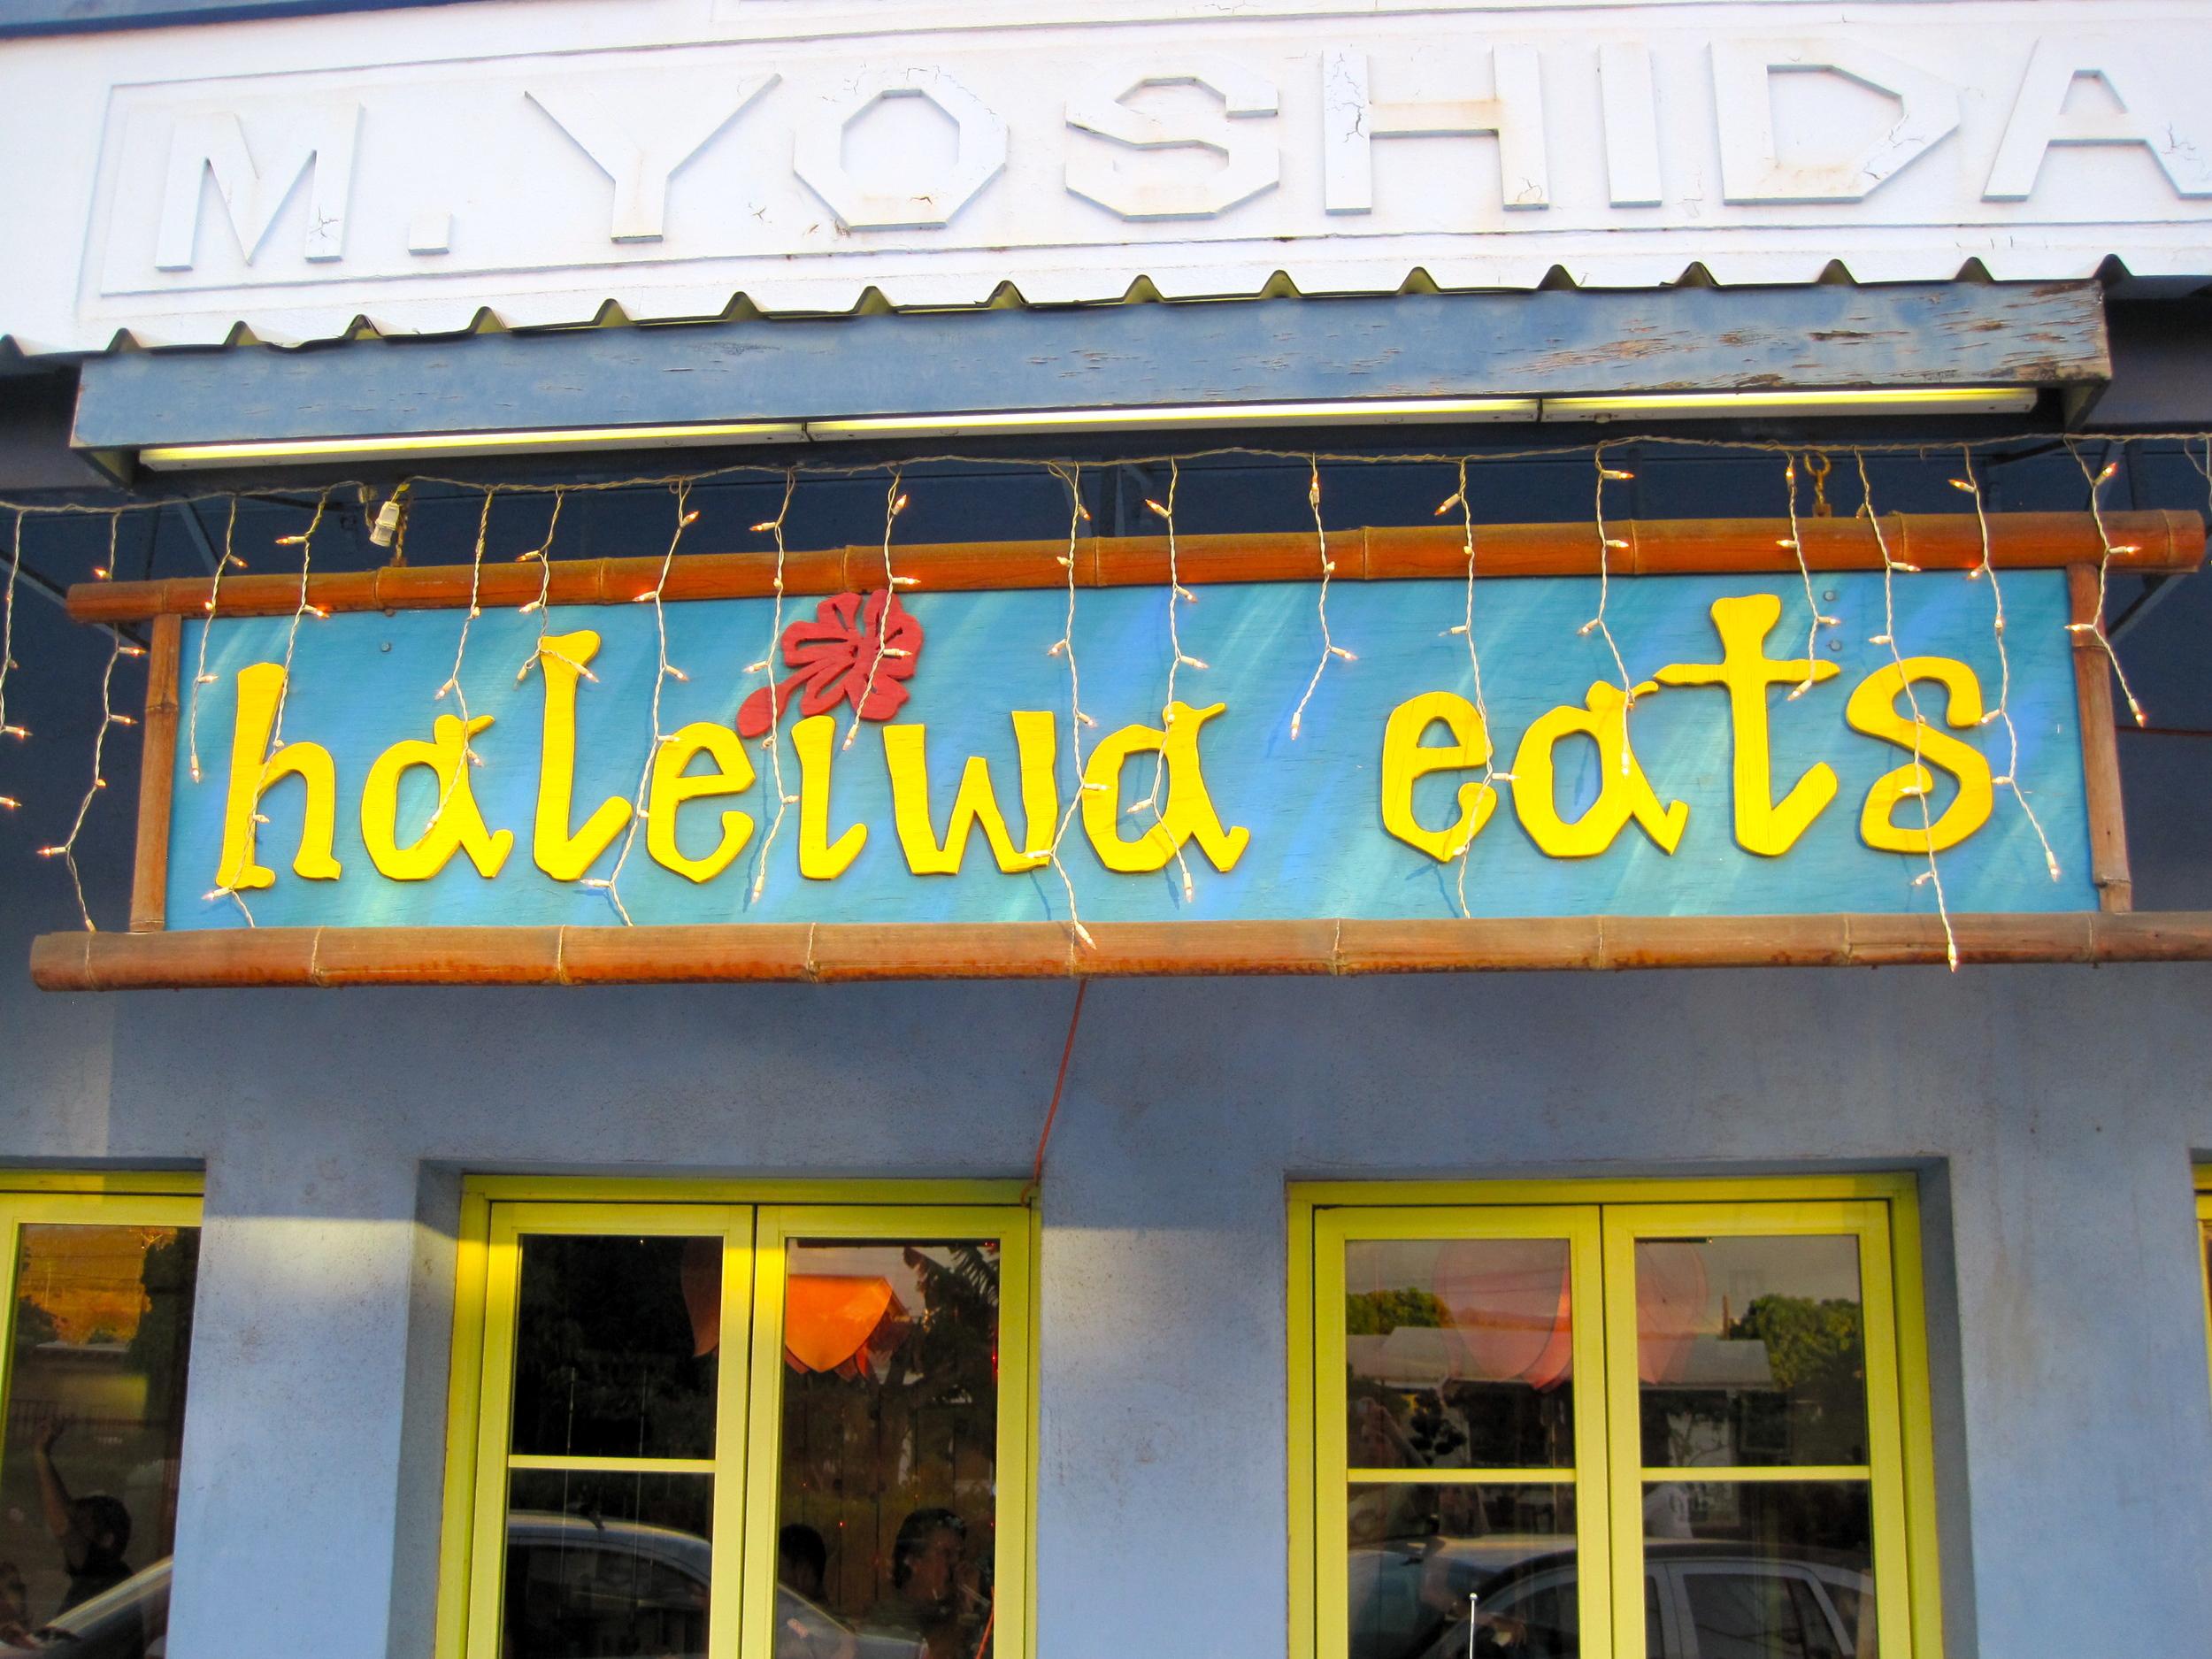 HALEIWA EATS, North Shore, Oahu